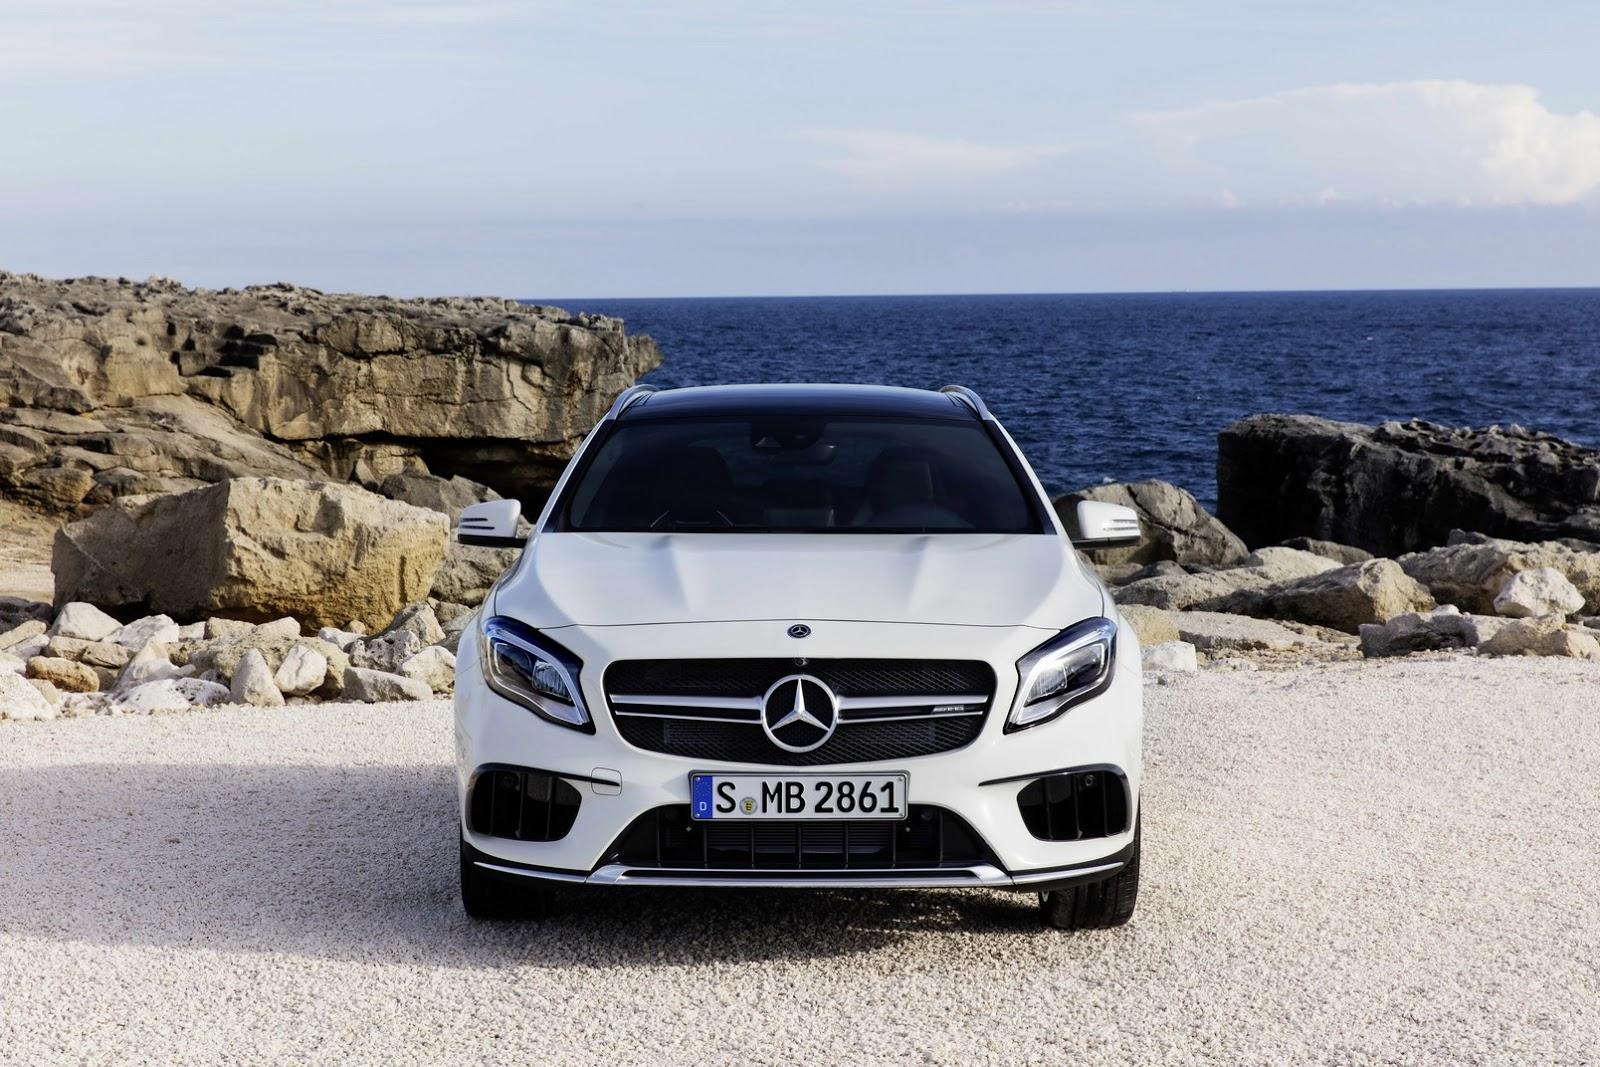 Mercedes GLA facelift and GLA 45 AMG facelift 2017 (14)